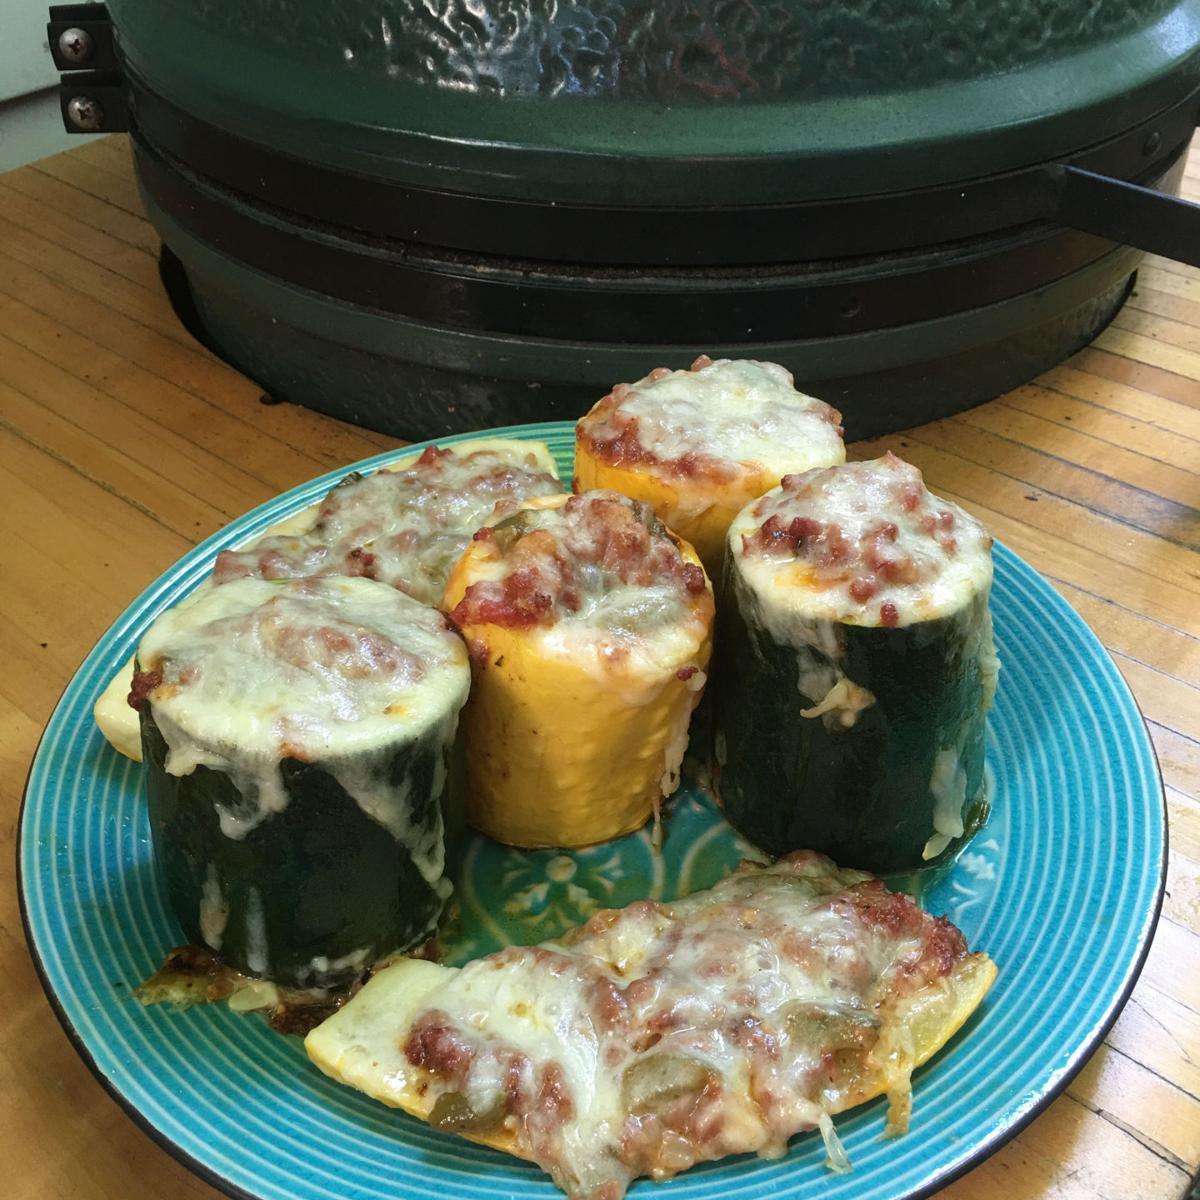 """... meat, tomato and """"Mozzarella Stuffed Squash Boats and Cups"""" recipe"""